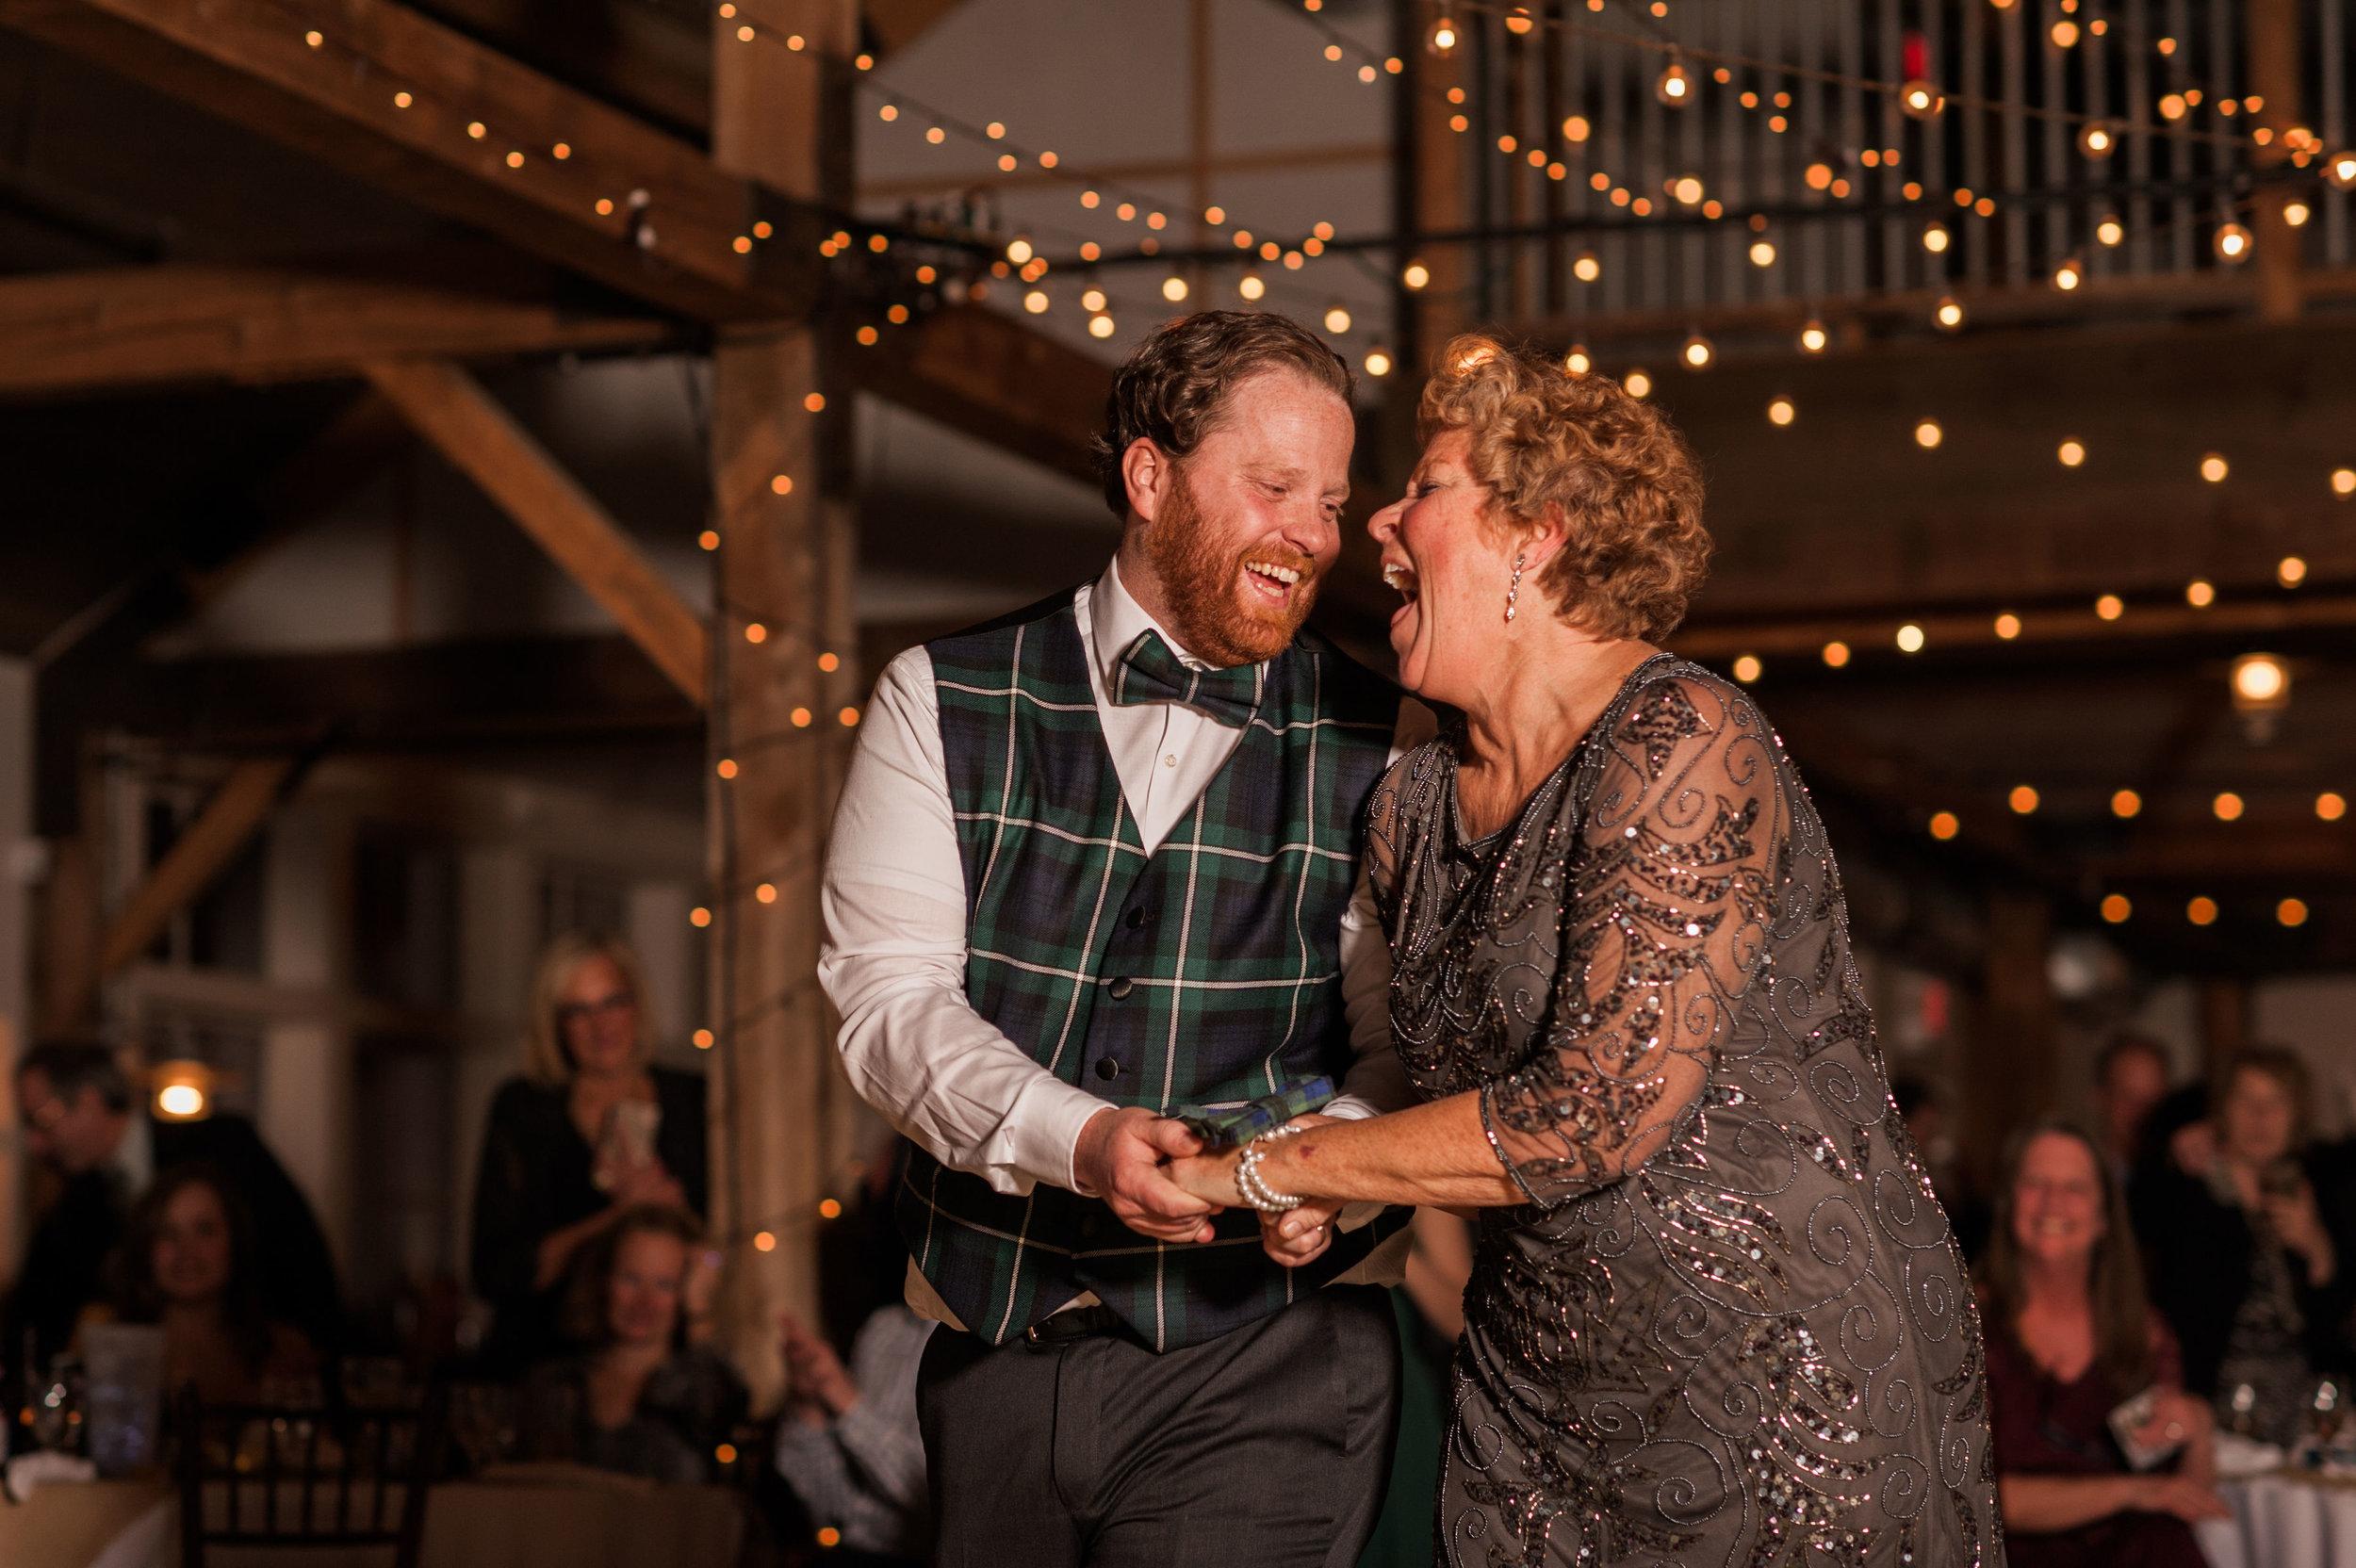 IdenaBeach-Vermont-Wedding-Photographer00151.jpg